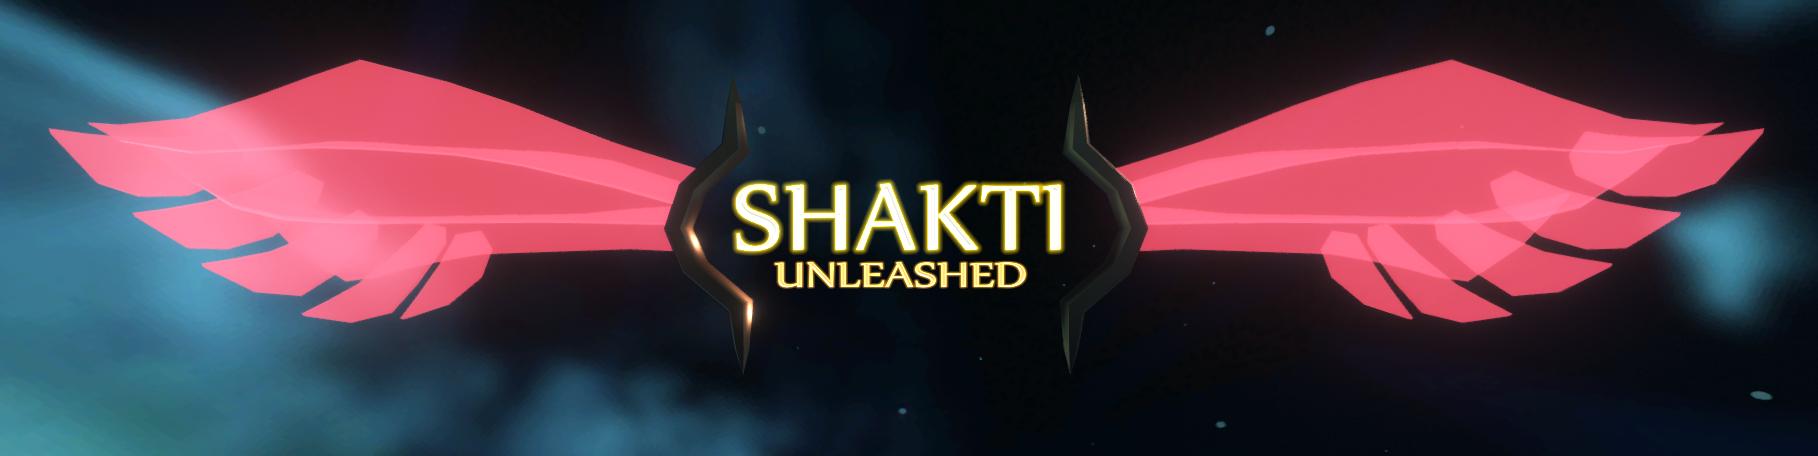 Shakti Unleashed